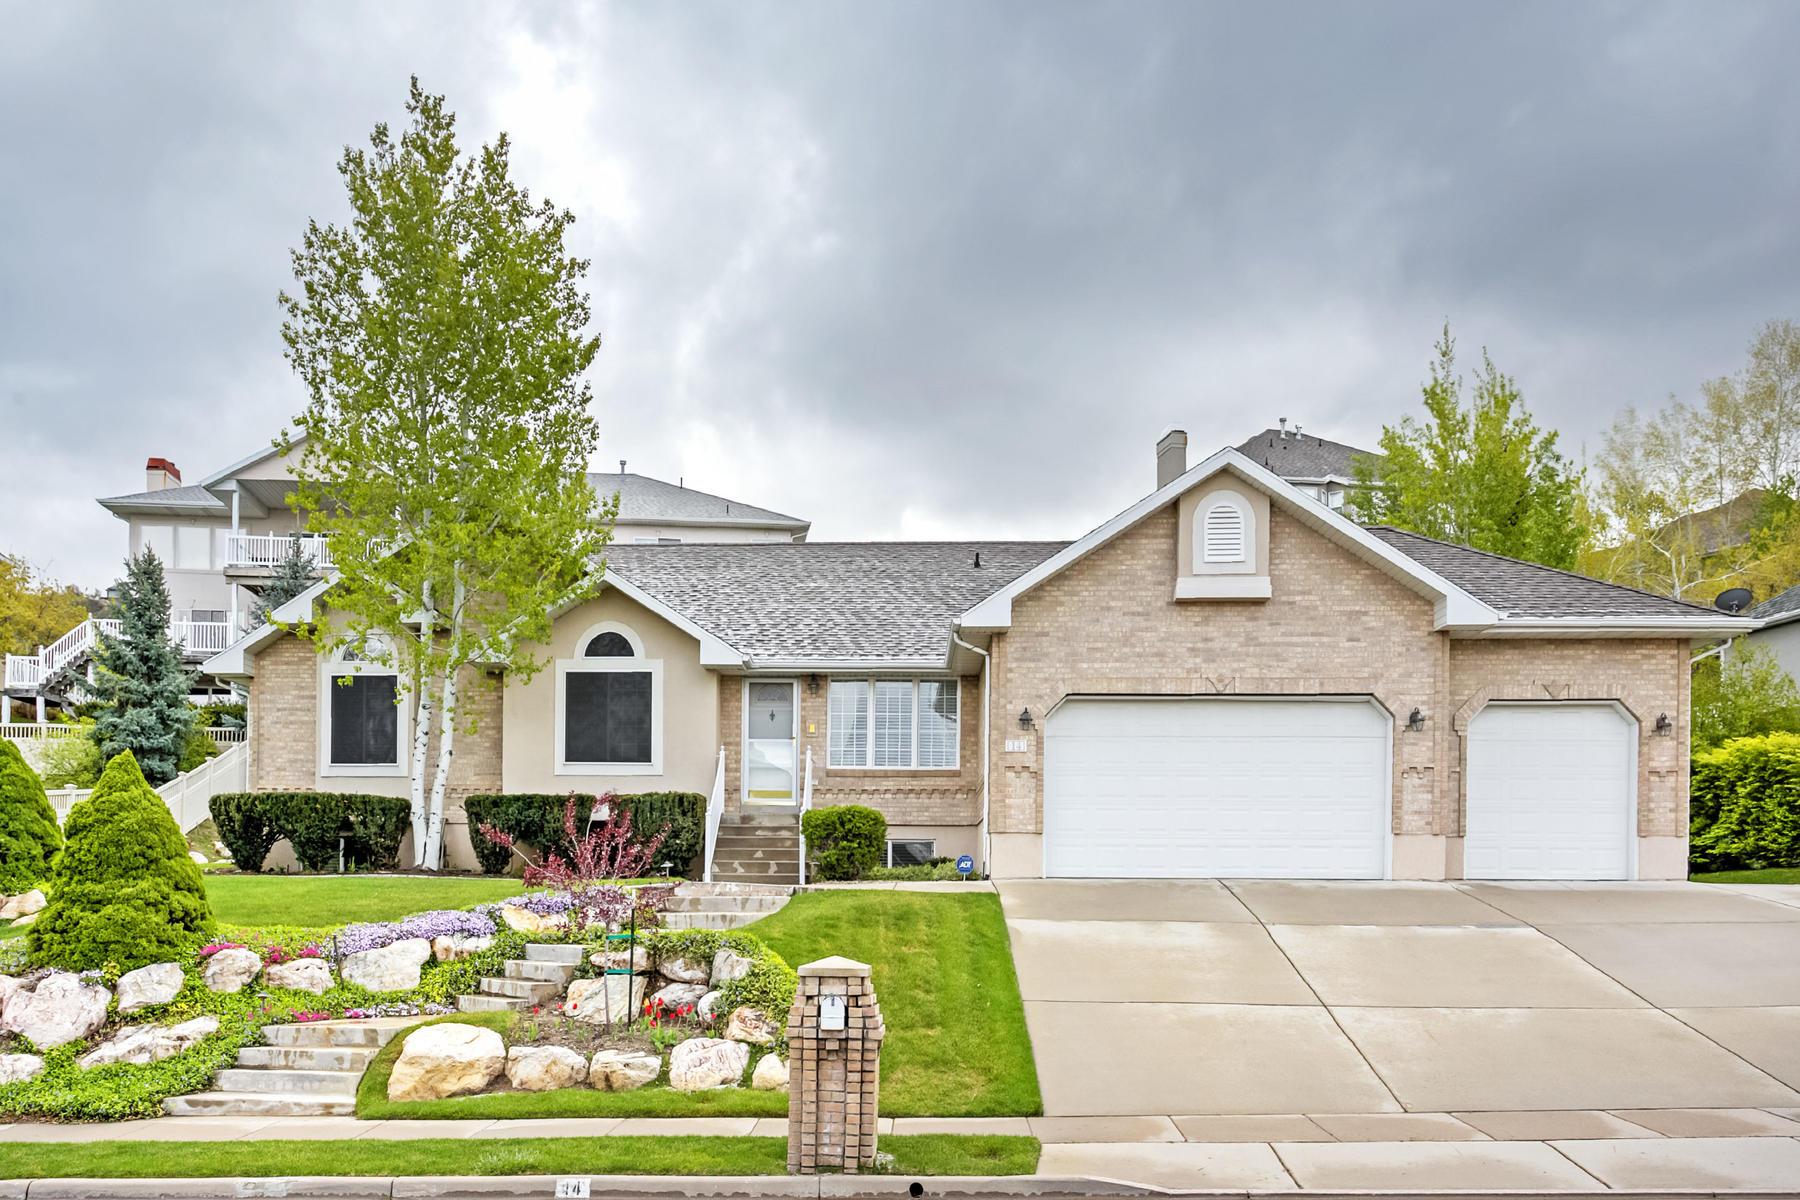 단독 가정 주택 용 매매 에 Custom Built Home in Eaglewood 14 N Fairway Dr North Salt Lake, 유타, 84054 미국